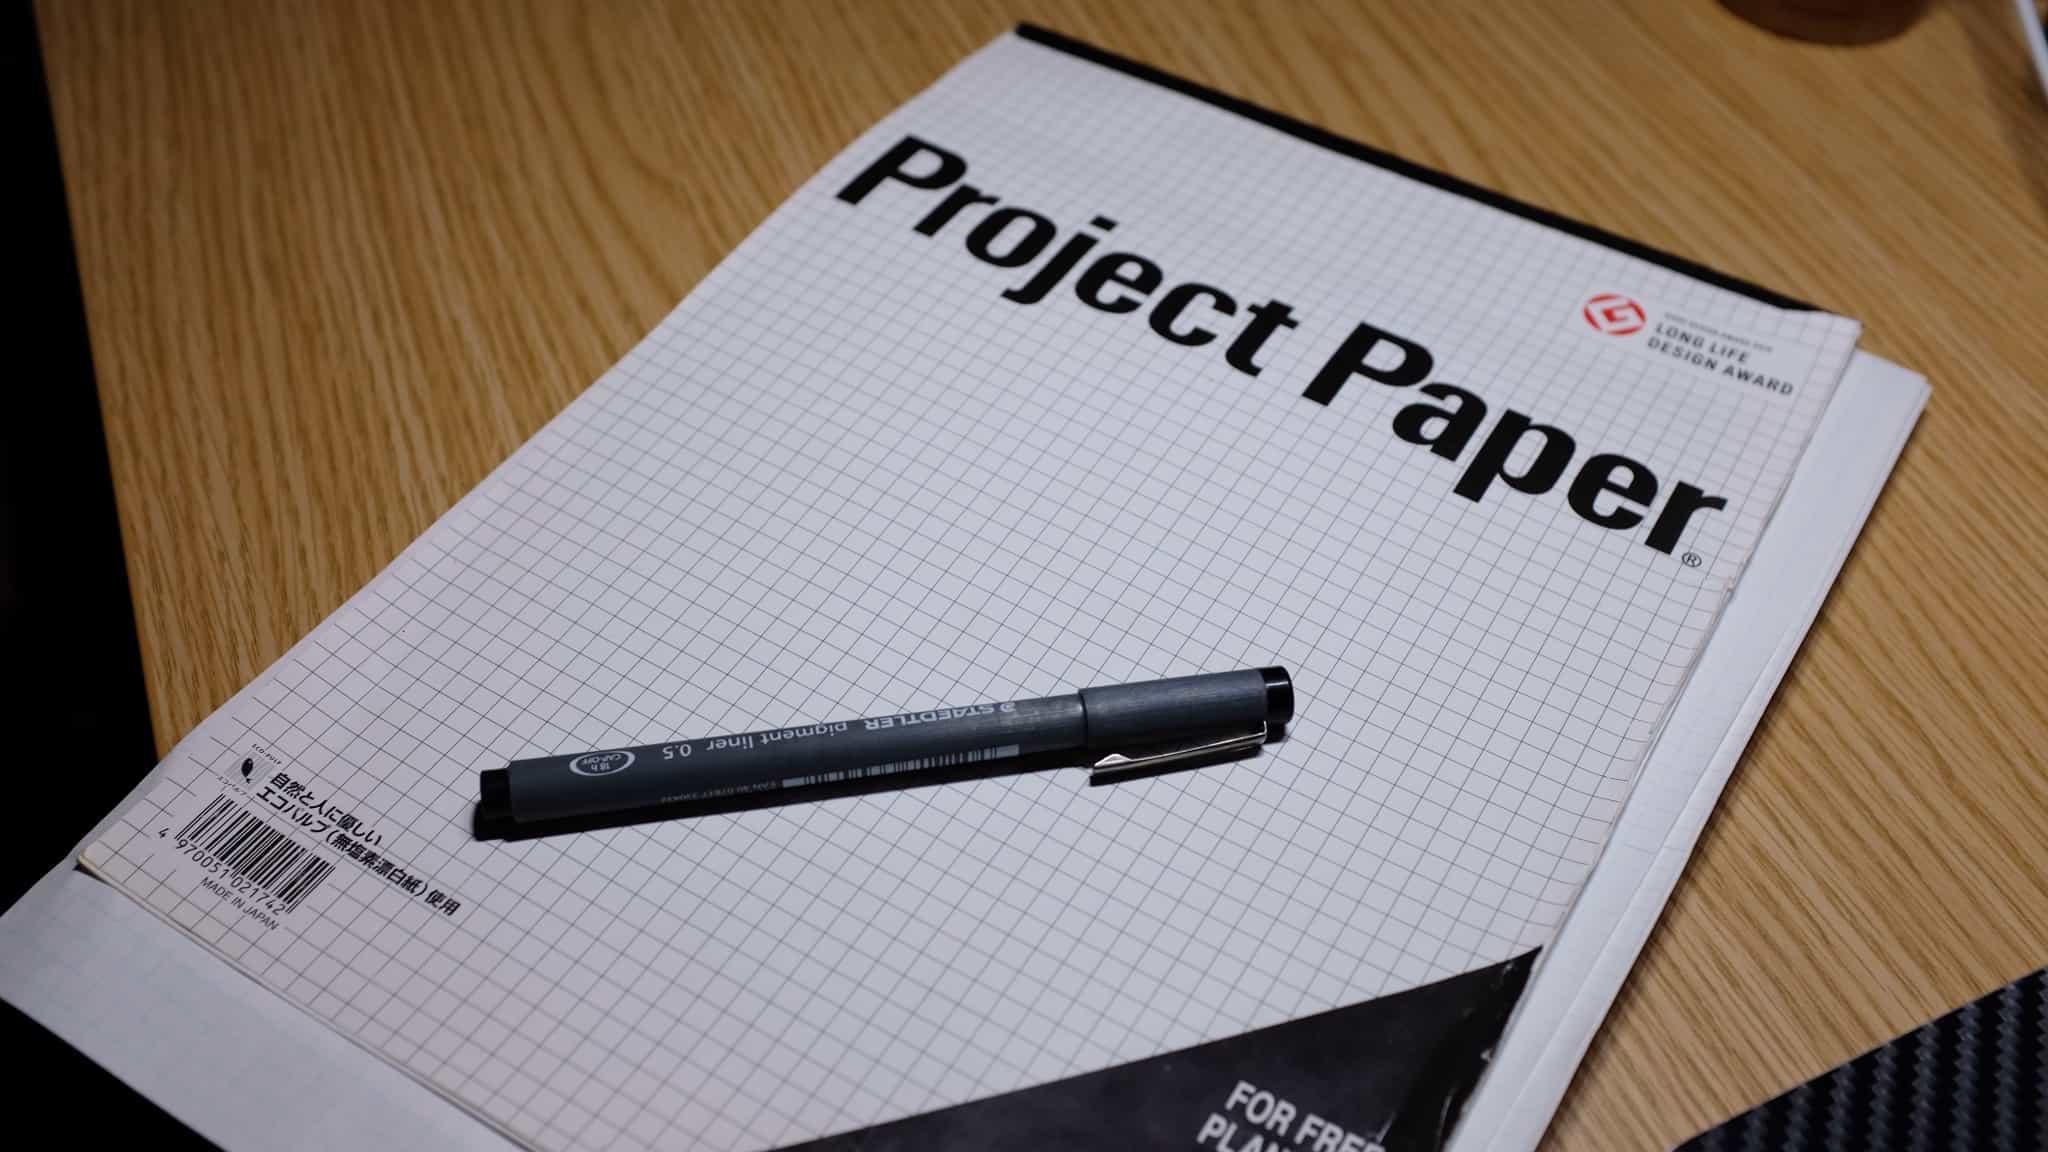 iPadにメモするのとは違う良さがプロジェクトペーパーにある